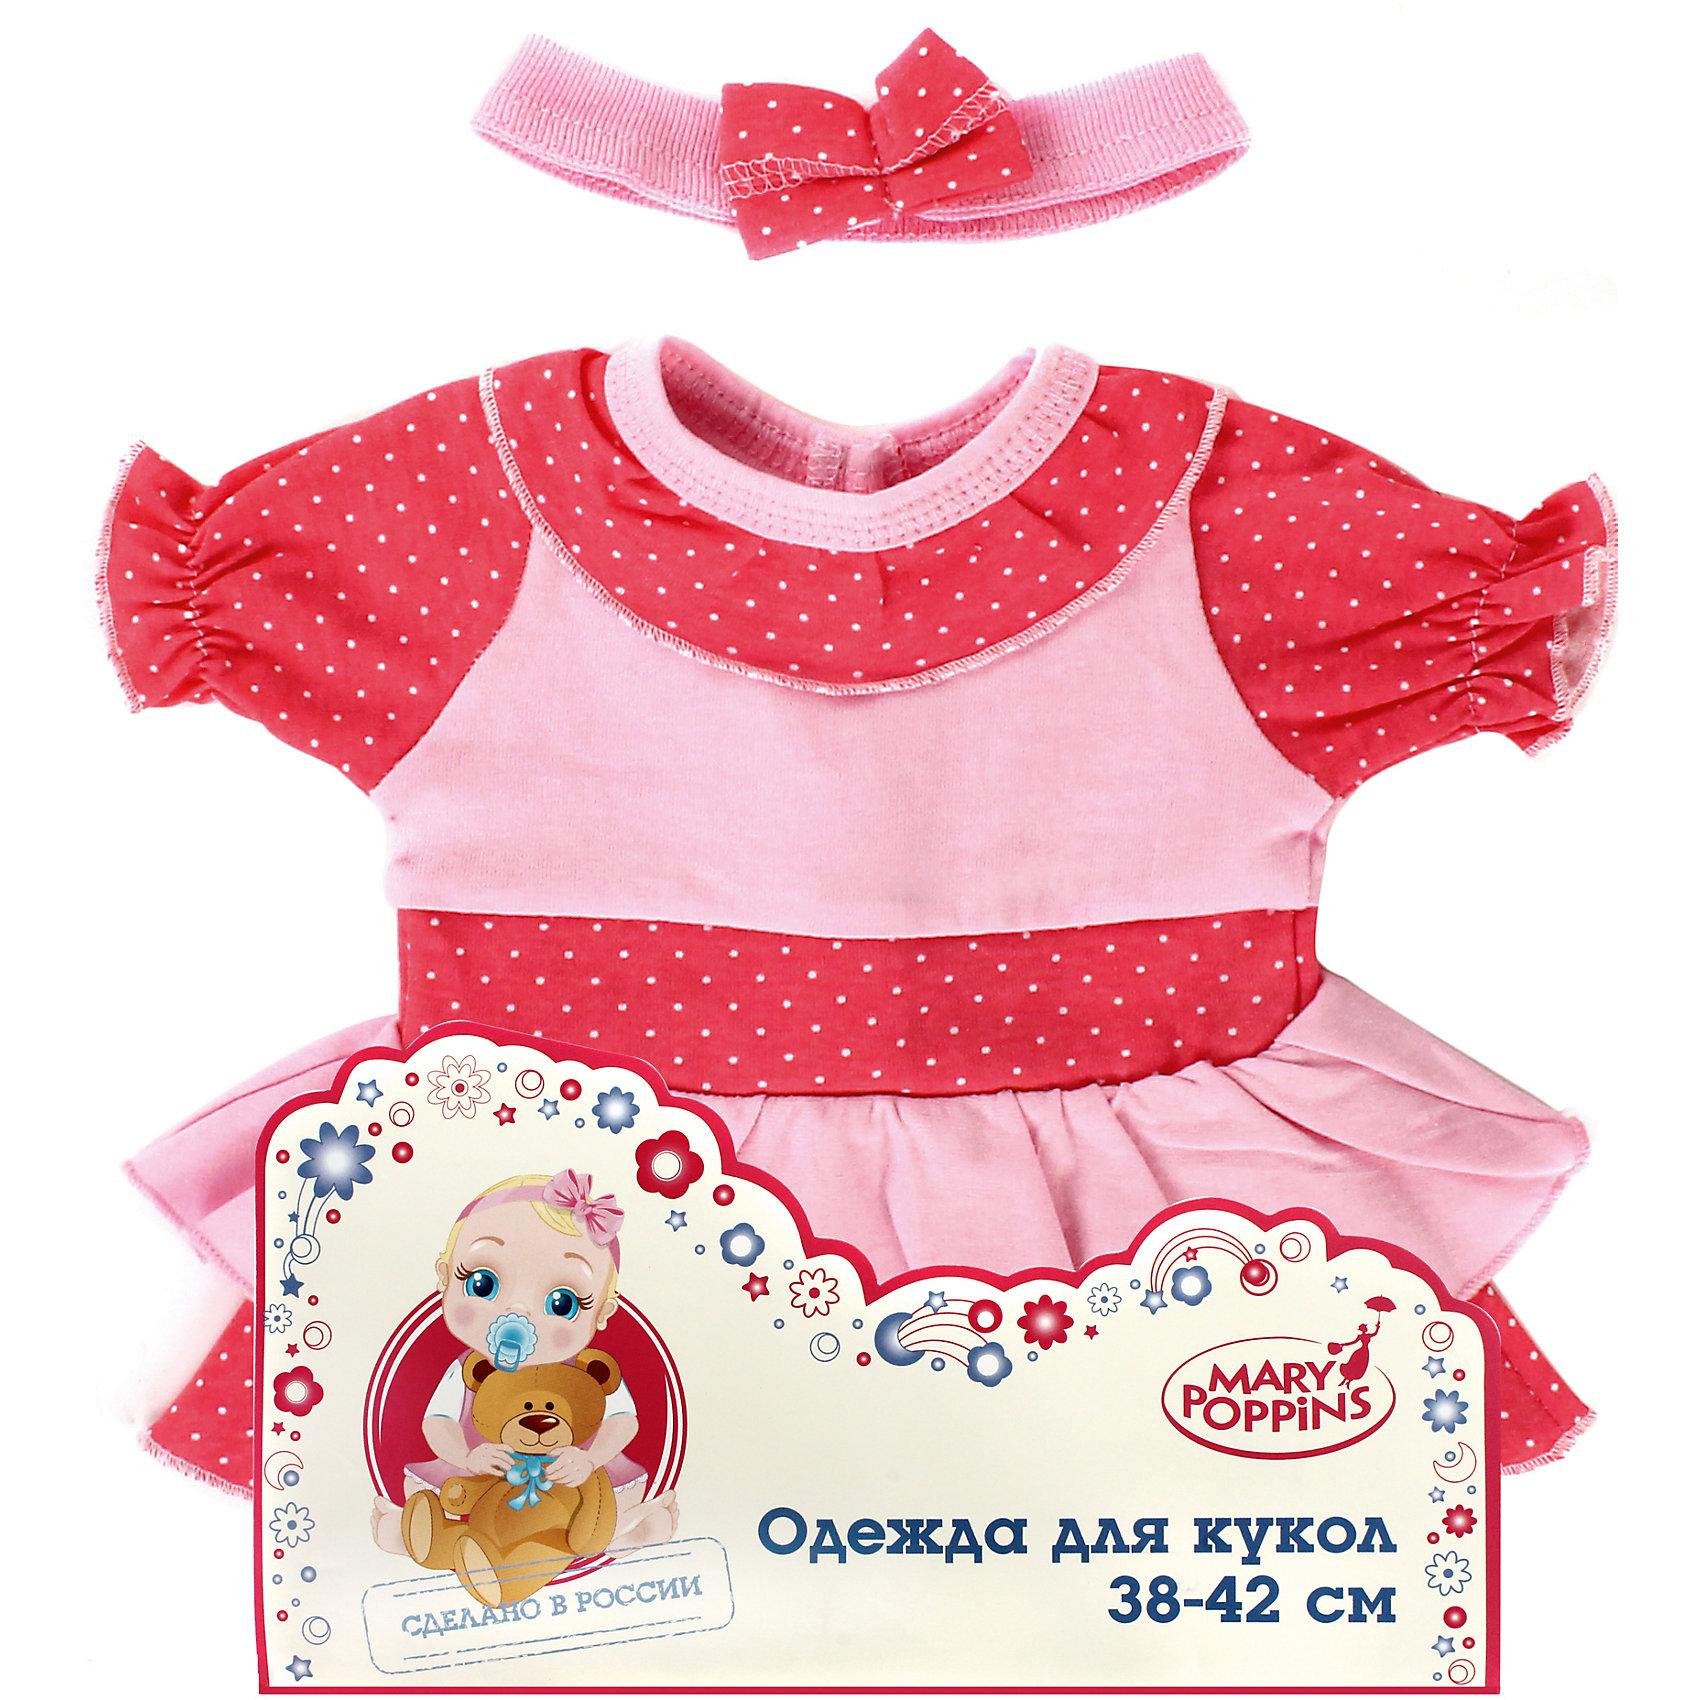 Одежда для куклы 42 см, платье с повязкой, Mary Poppins, в ассортиментеОдежда для куклы 42 см, платье с повязкой, в ассортименте от популярного российского бренда кукол и аксессуаров Mary Poppins (Мэри Поппинс). Интересный и яркий набор с нежным платьем и повязкой на голову, которые прекрасно сочетаются друг с другом, подойдет всем куклам длиной 42 см. Маленькая мама может теперь менять одежду своим деткам или даже стирать ее в игрушечной машине. Играя с куклами дети познают человека, как с физиологической, так и с стороны общения между людьми, развивается моторика рук, внимание, воображение, такие игры положительно влияют на психологическое развитие. <br><br>Дополнительная информация:<br><br>- В комплект входит: платье с повязкой<br>- Материал: текстиль<br><br>Внимание! Одежда для куклы 42 см, платье с повязкой поставляется в разных цветовых вариантах. К сожалению, заранее выбрать определенный цвет нельзя. При заказе двух платьев с повязкой возможно получение одинаковых.<br><br>Одежду для куклы 42 см, платье с повязкой, в ассортименте, Mary Poppins (Мэри Поппинс) можно купить в нашем интернет-магазине.<br><br>Подробнее:<br>• Для детей в возрасте: от 3 до 10 лет<br>• Номер товара: 4925574<br>Страна производитель: Китай<br><br>Ширина мм: 180<br>Глубина мм: 10<br>Высота мм: 260<br>Вес г: 27<br>Возраст от месяцев: 36<br>Возраст до месяцев: 120<br>Пол: Женский<br>Возраст: Детский<br>SKU: 4925574